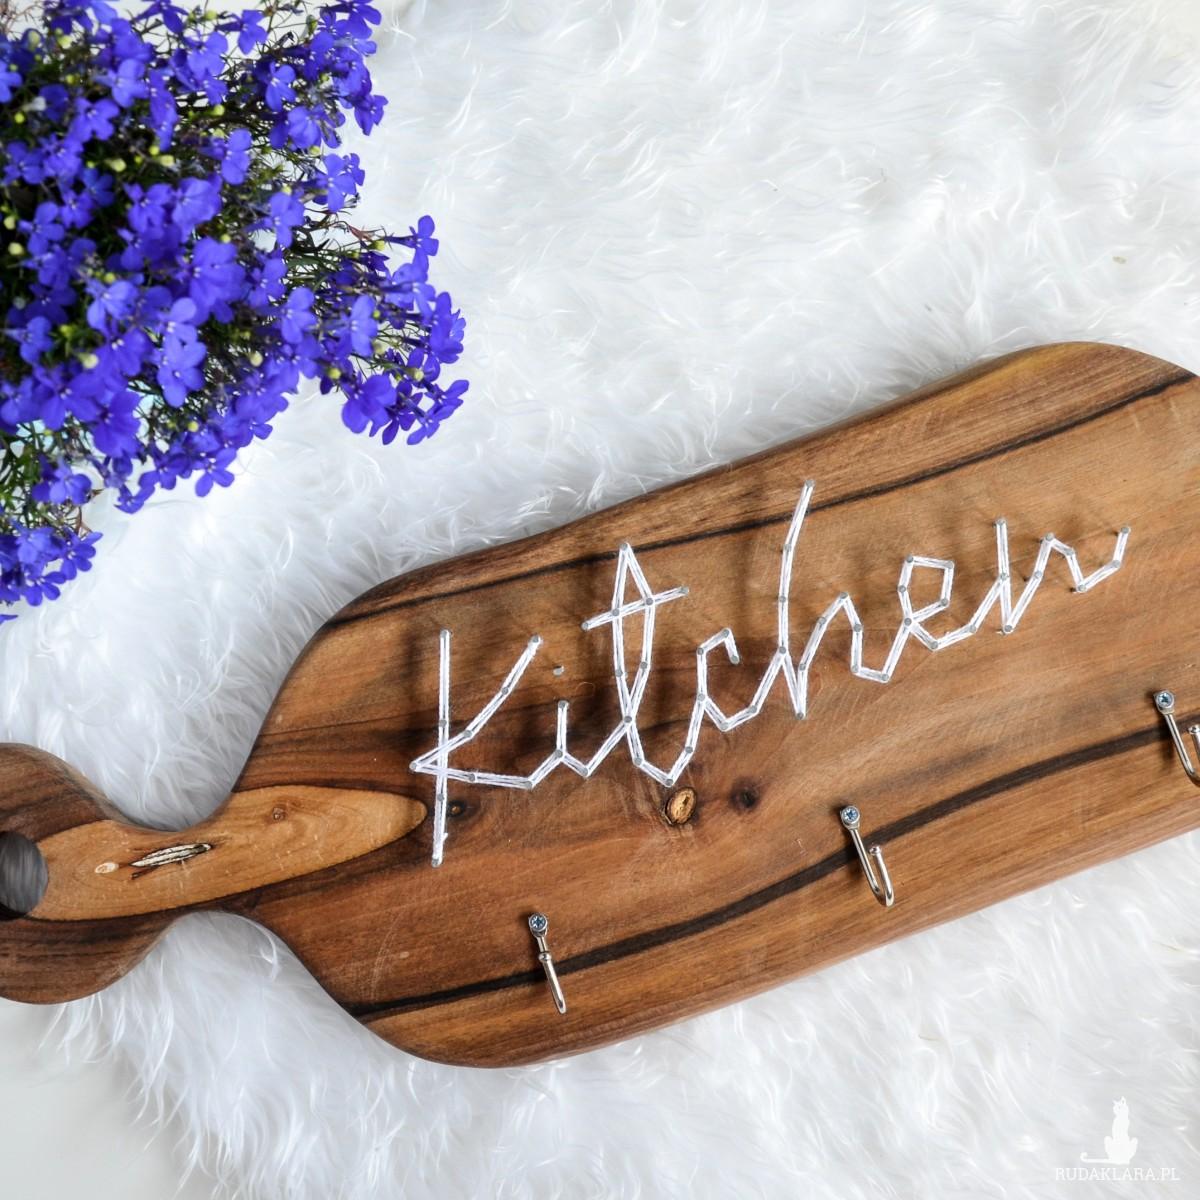 Kitchen, Kuchnia wieszak na ręczniki, kubki, Deska z napisem Kitchen do kuchni